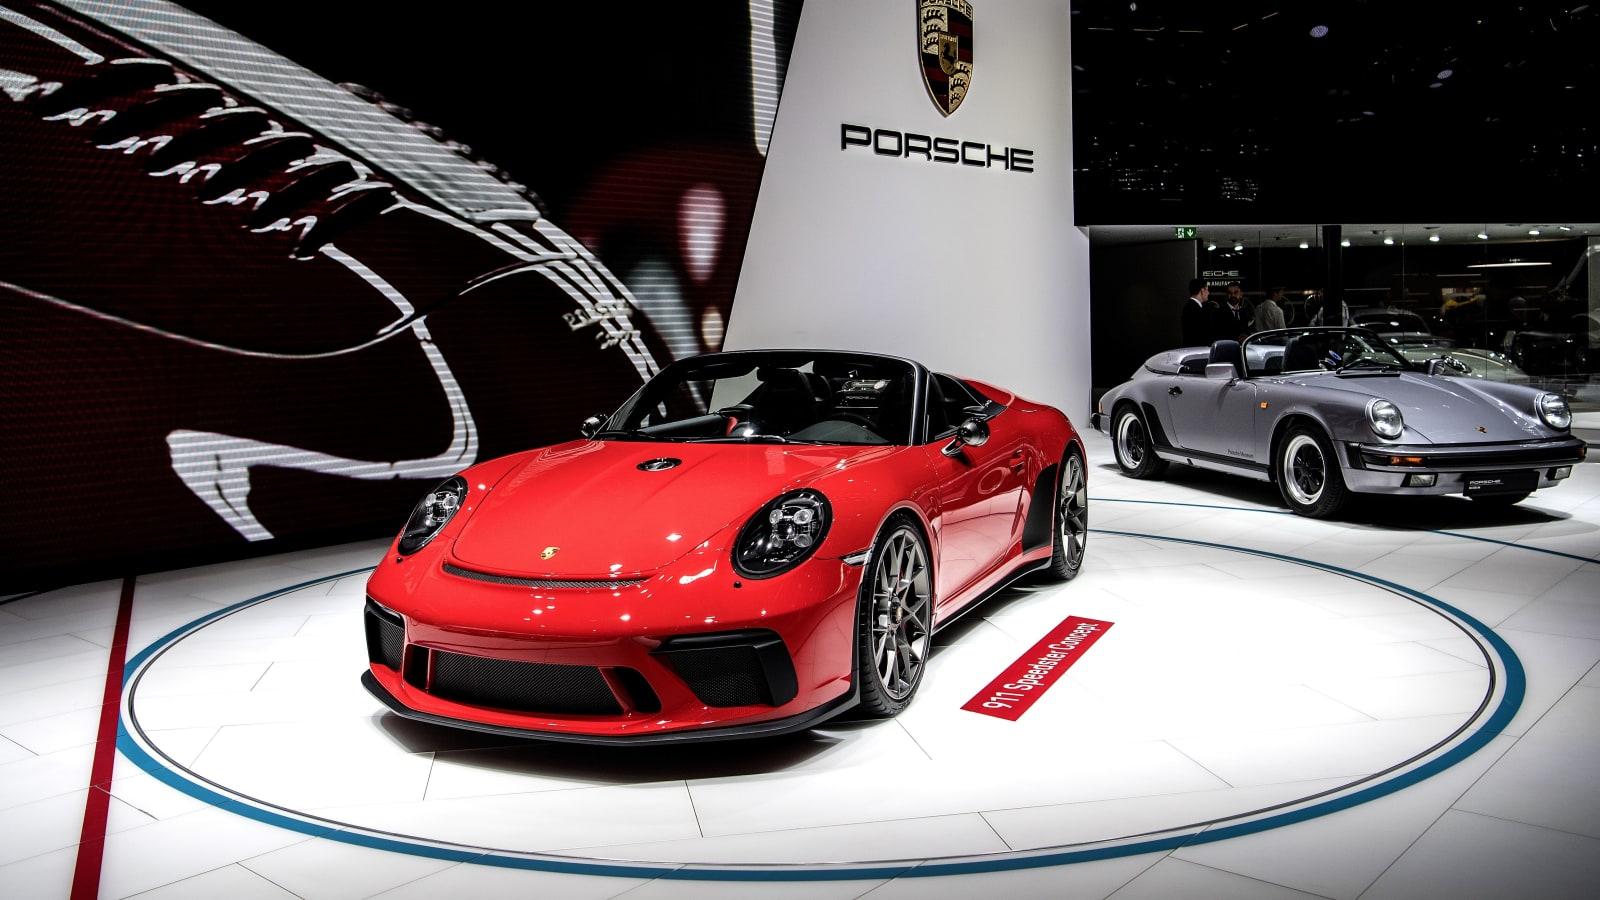 Porsche financial report. Credit: CNBC